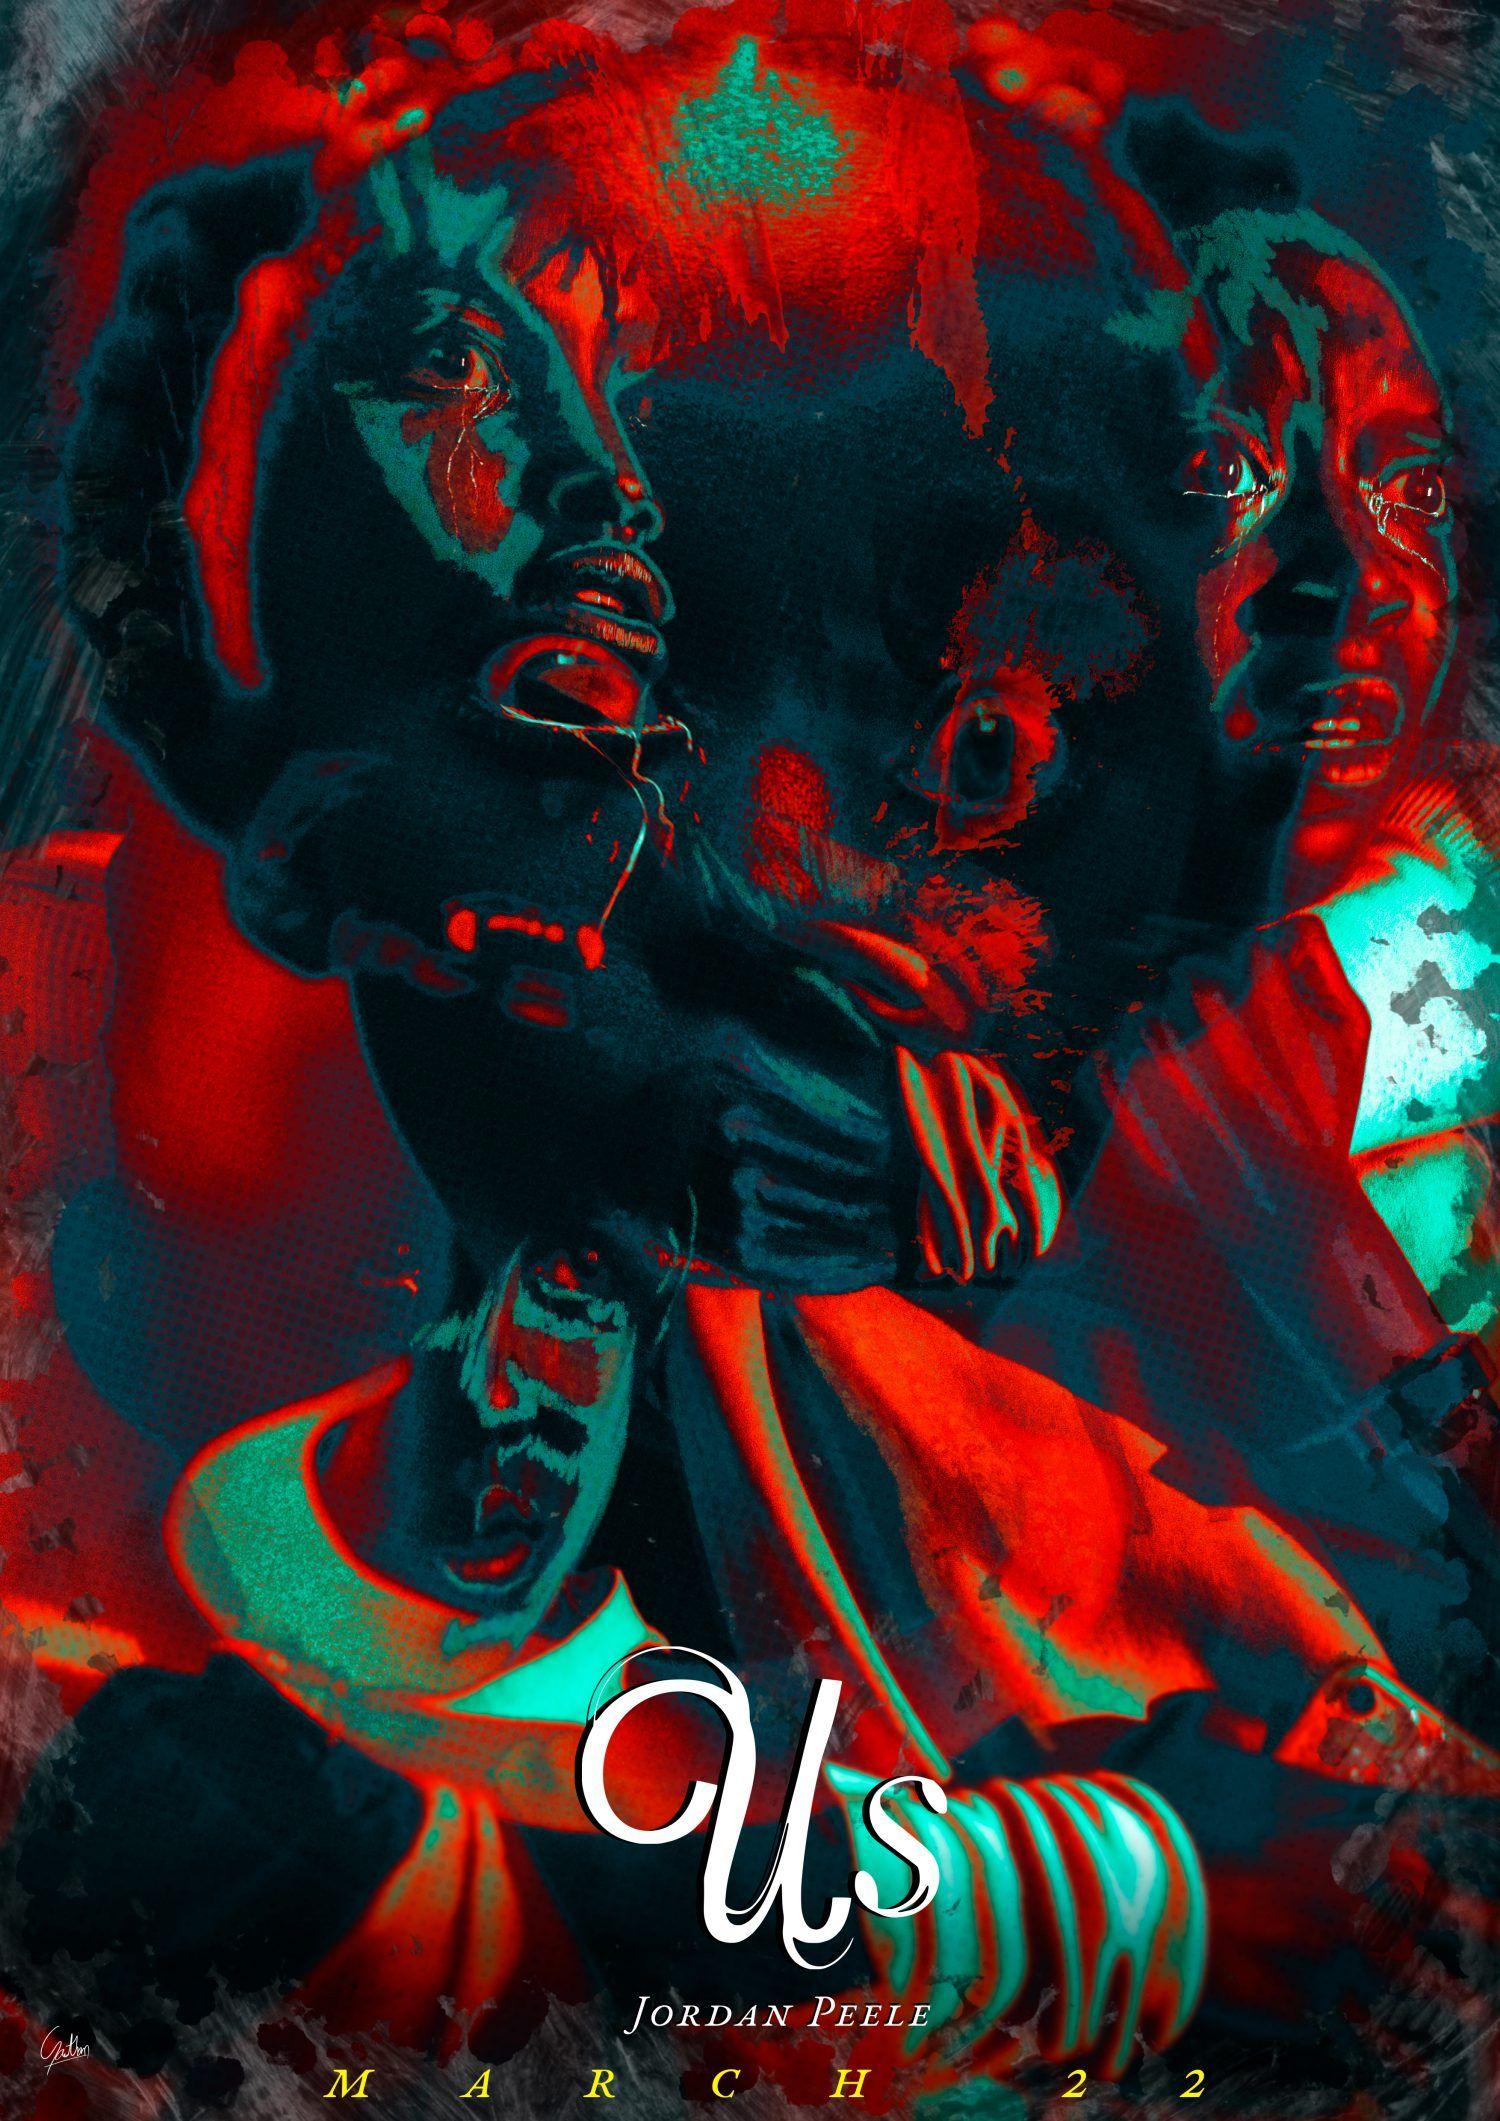 Us 2019 1500 X 2121 Horror Movie Art Horror Artwork Horror Posters